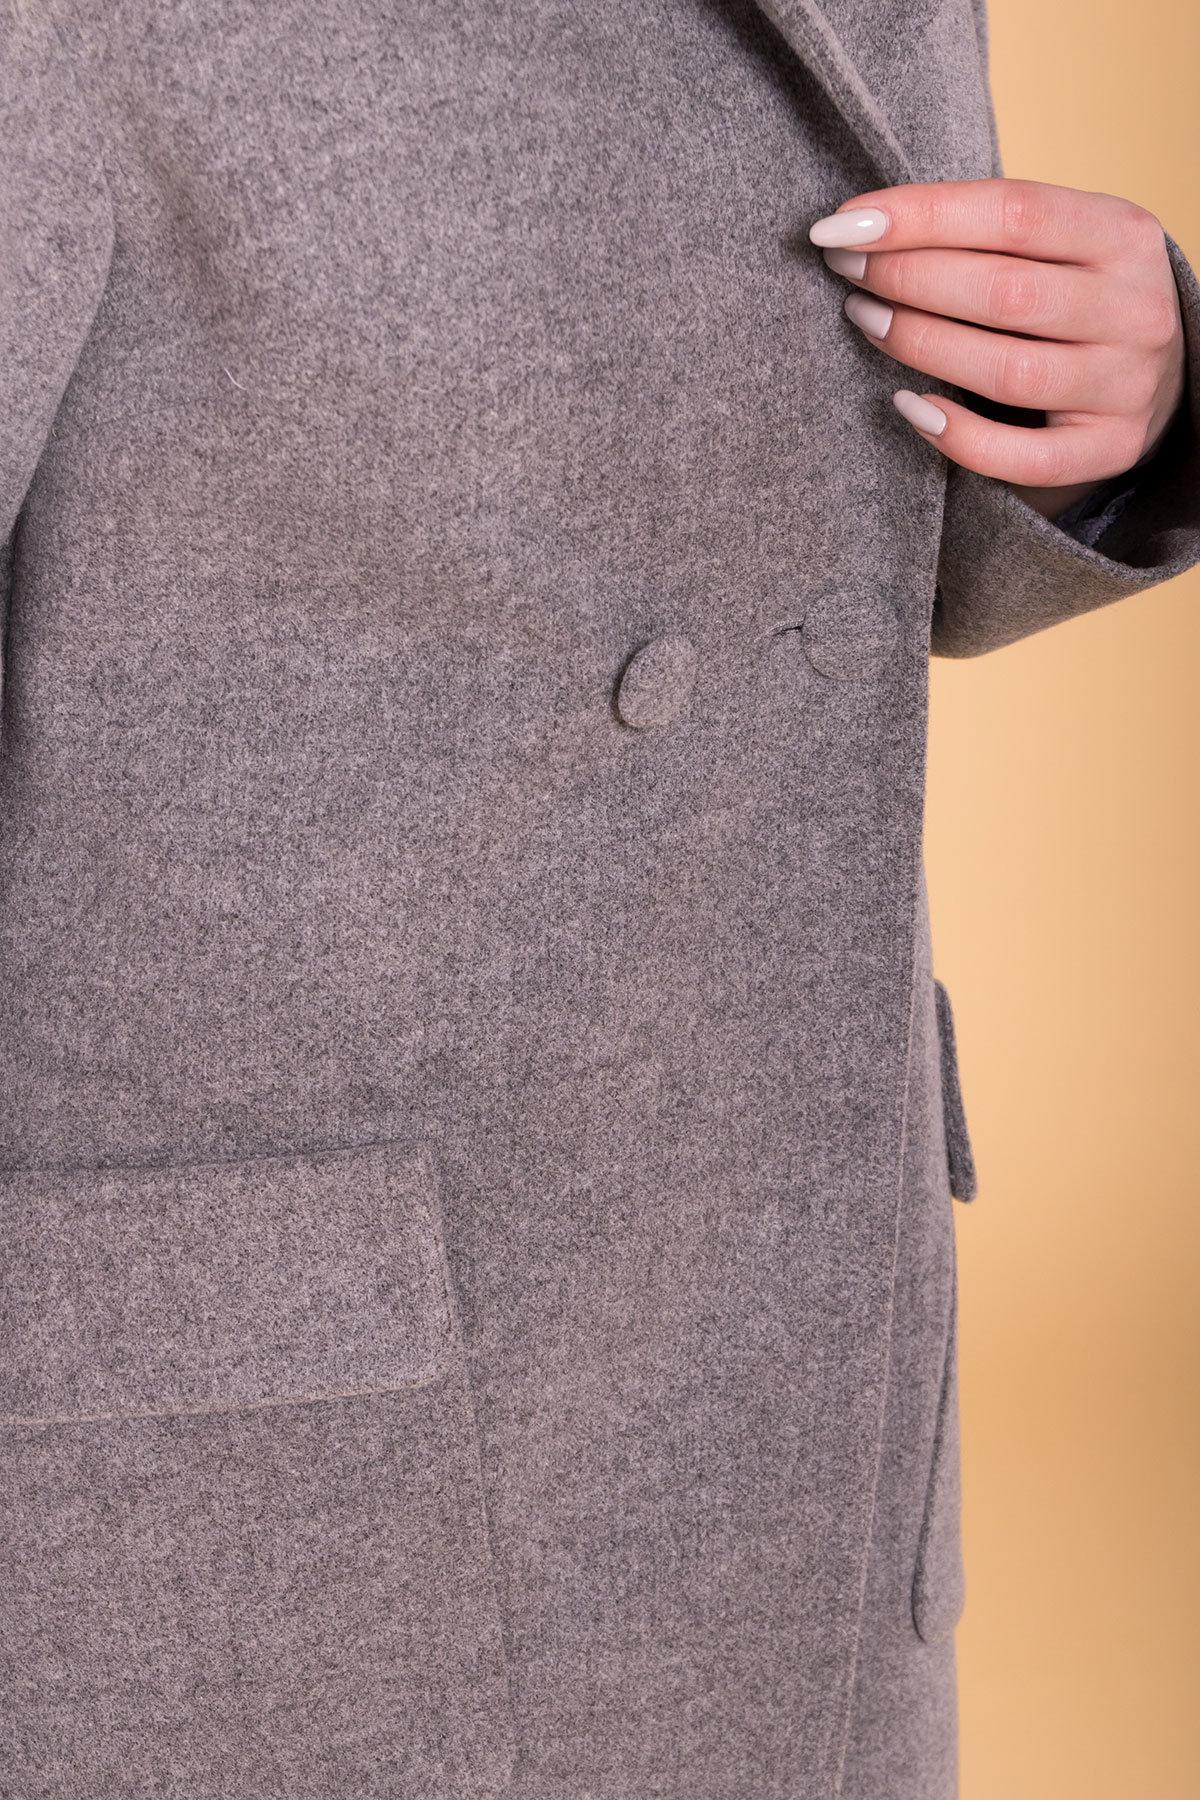 Пальто Парма (94) 6341 АРТ. 41170 Цвет: Серый 18 - фото 6, интернет магазин tm-modus.ru